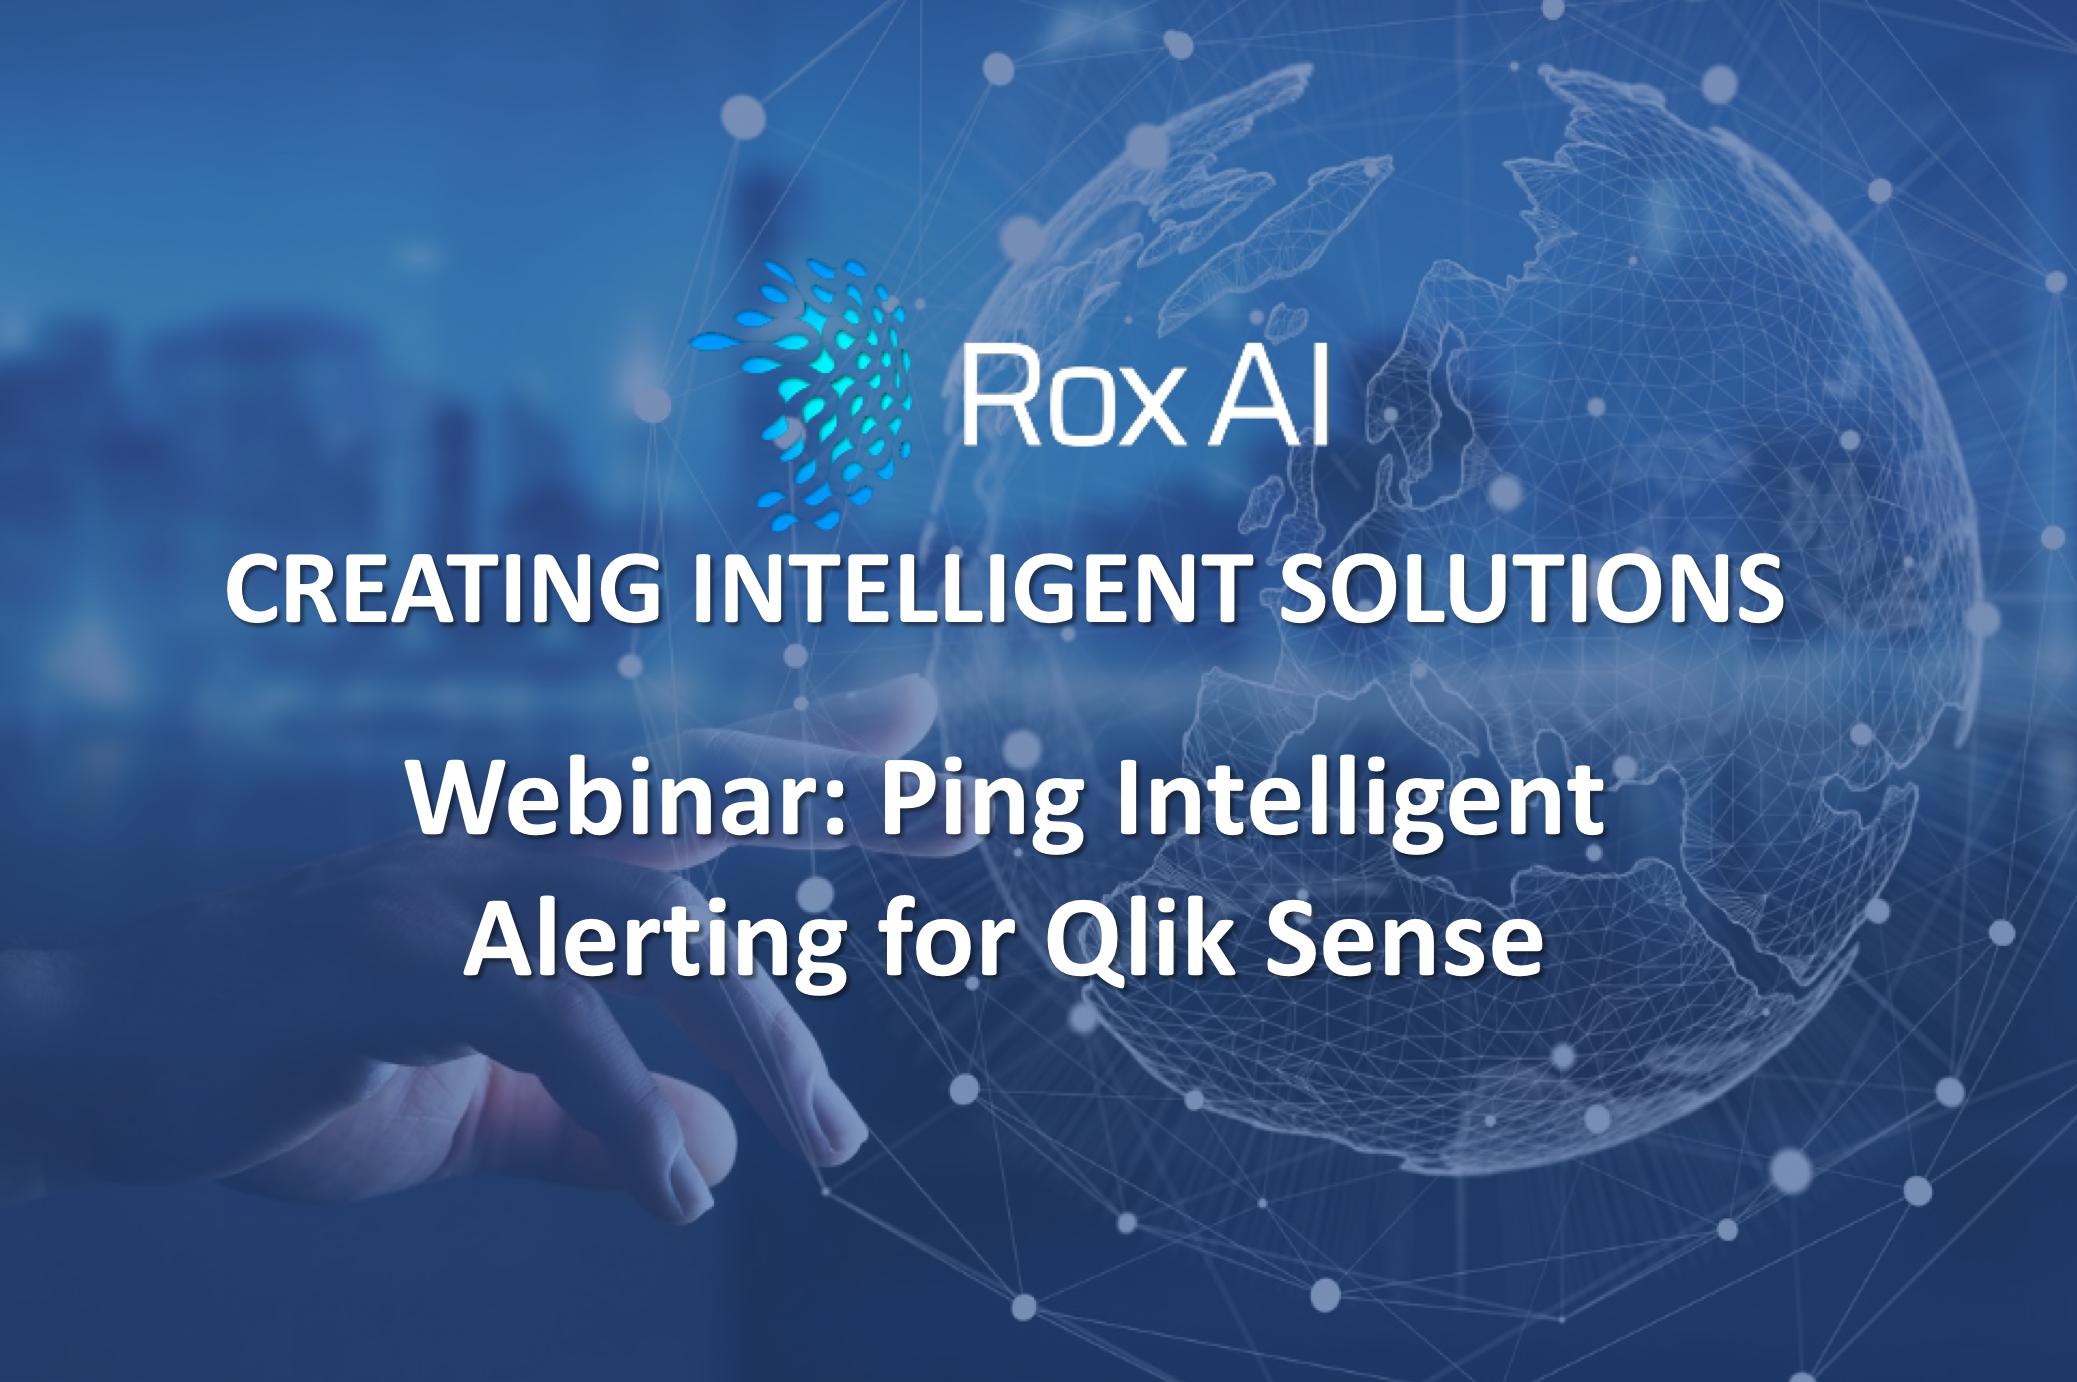 3 APRIL 2019: Webinar: Ping Intelligent Alerting for Qlik Sense